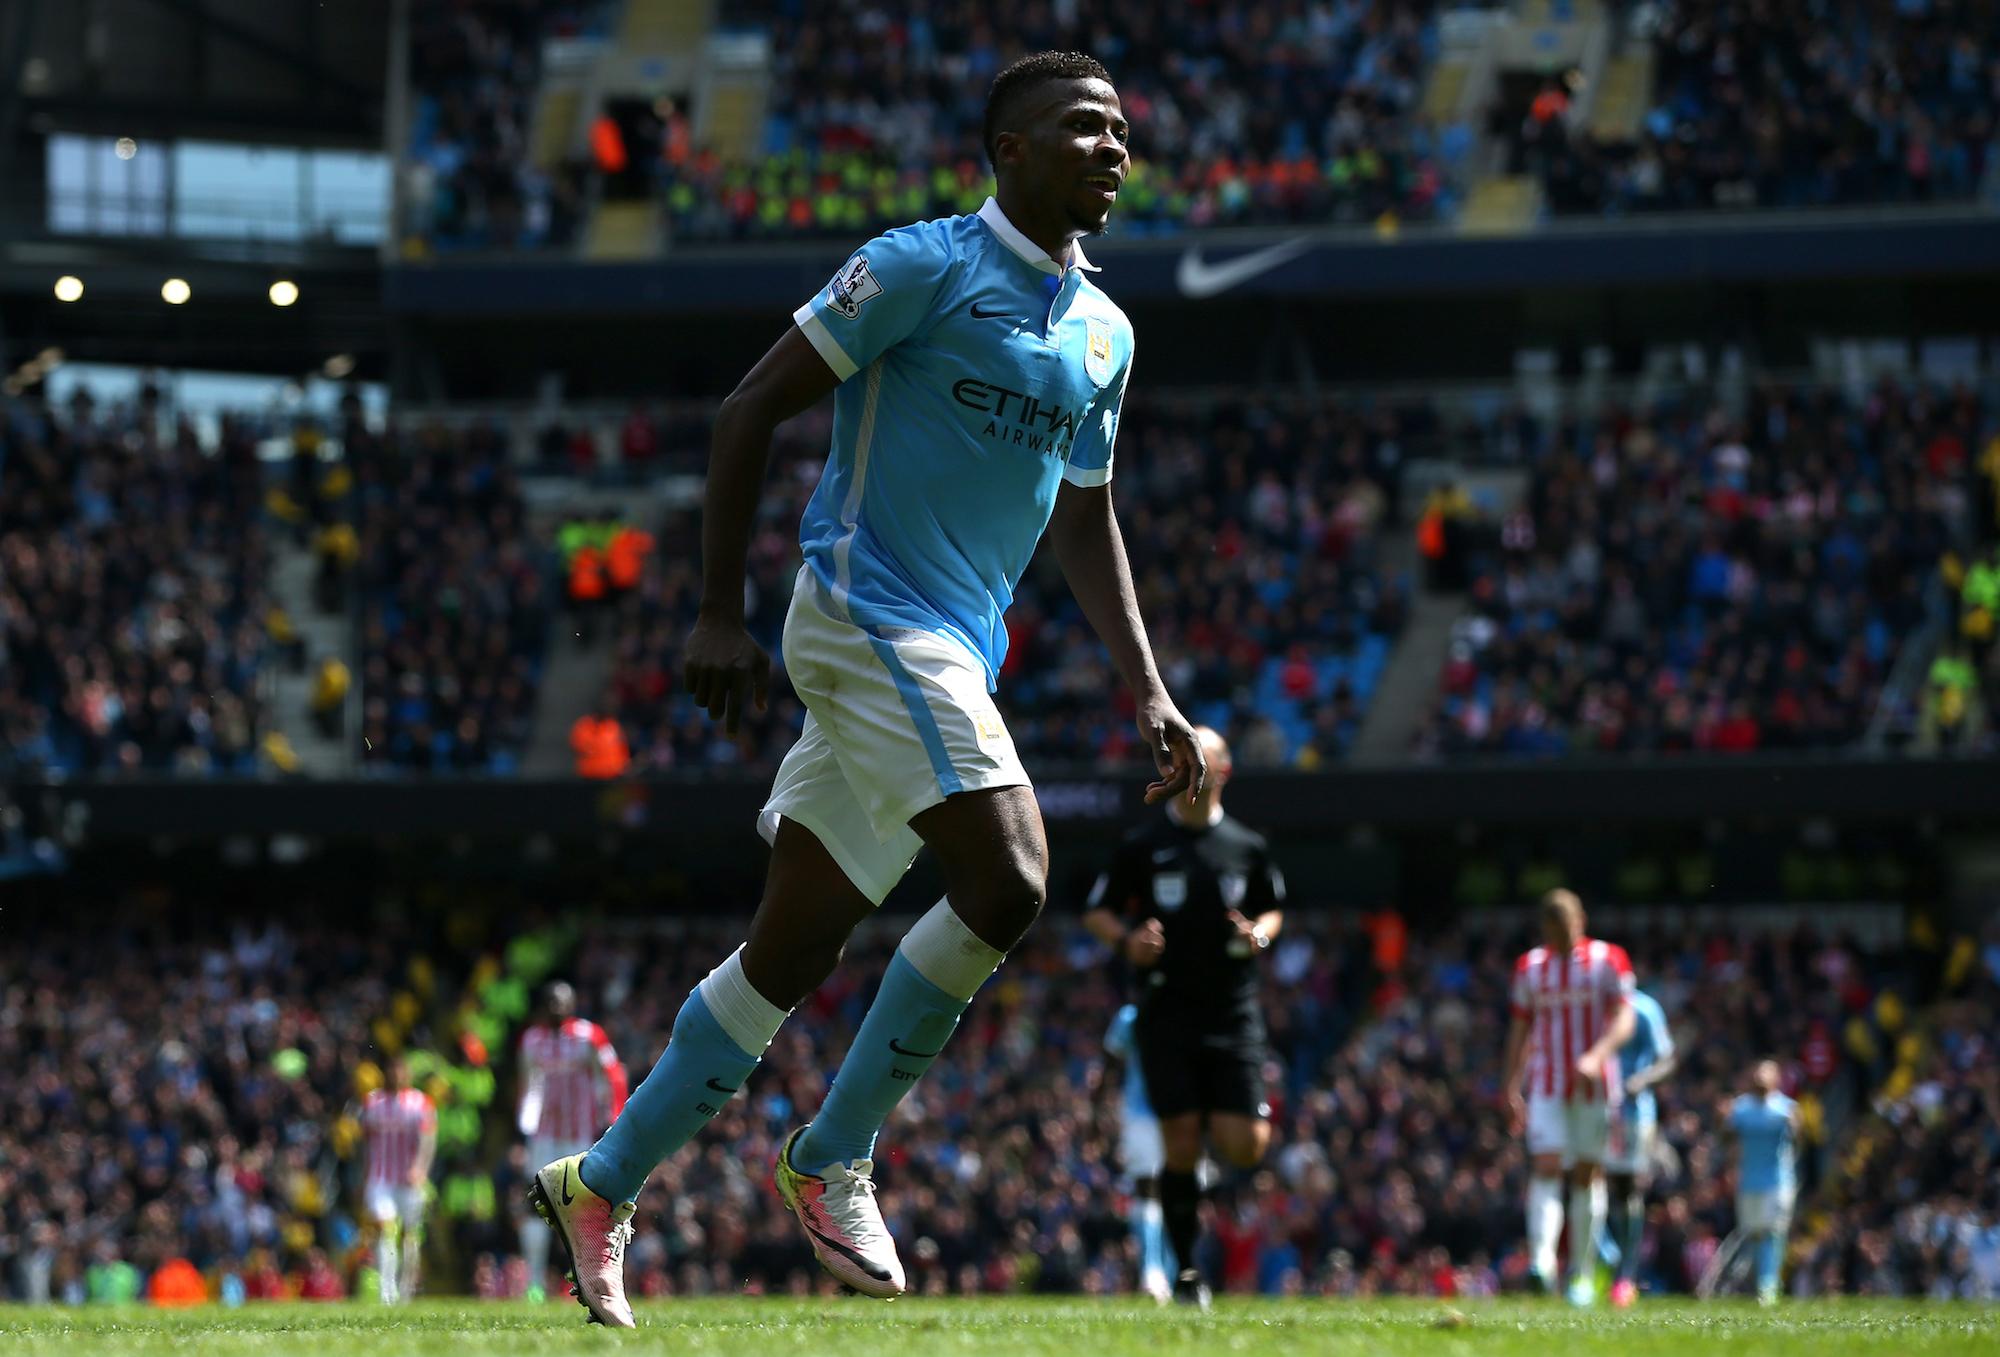 Kelechi Iheanacho ha segnato 4 gol nelle ultime 3 gare di campionato ed è l'attaccante del City più in forma del momento